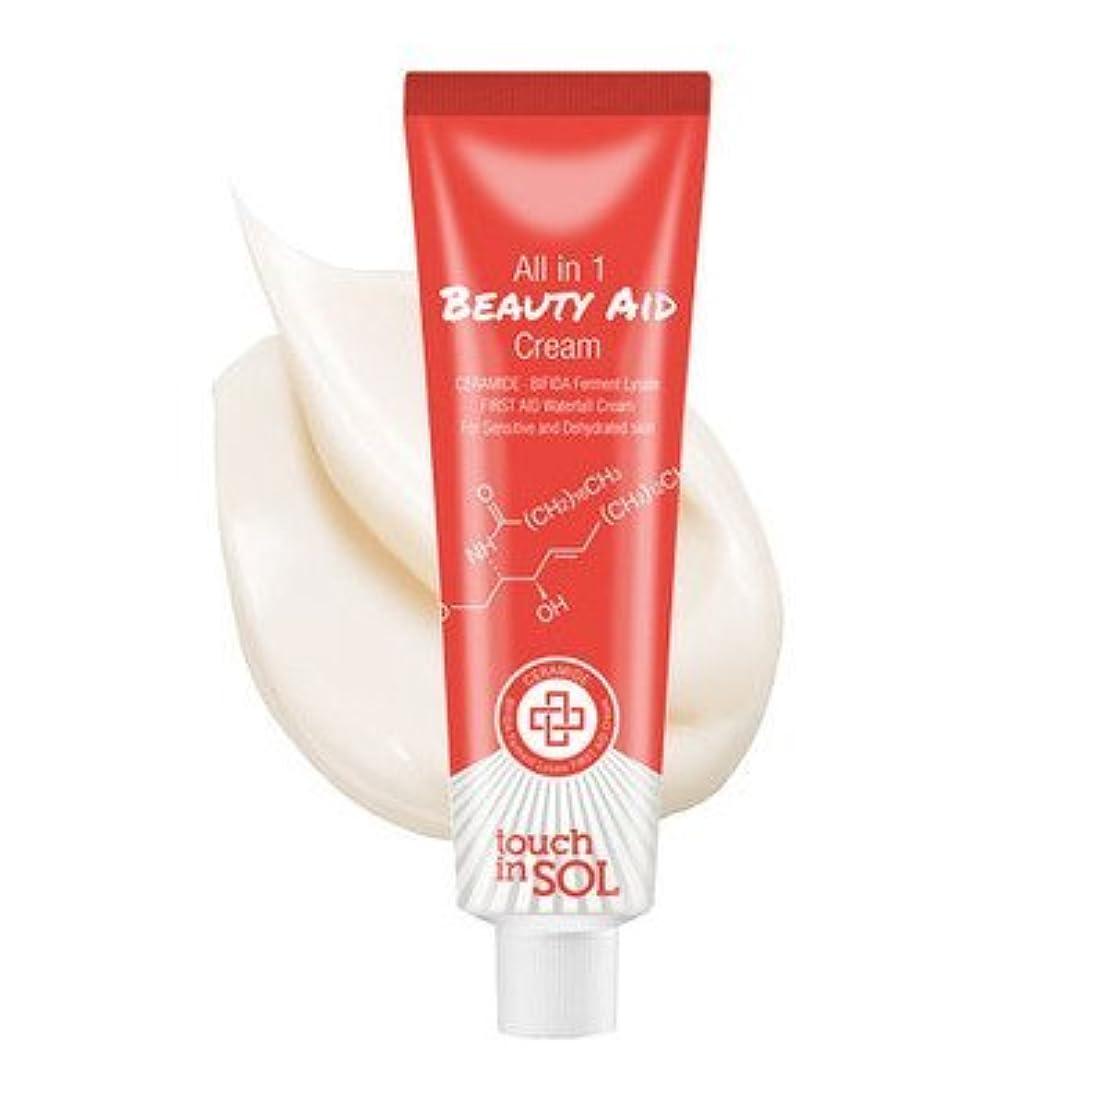 離れた強度舌なTOUCH IN SOL((タッチ イン ソル)オールインワンビューティーエードクリーム/(TOUCH IN SOL)beauty aid cream [並行輸入品]